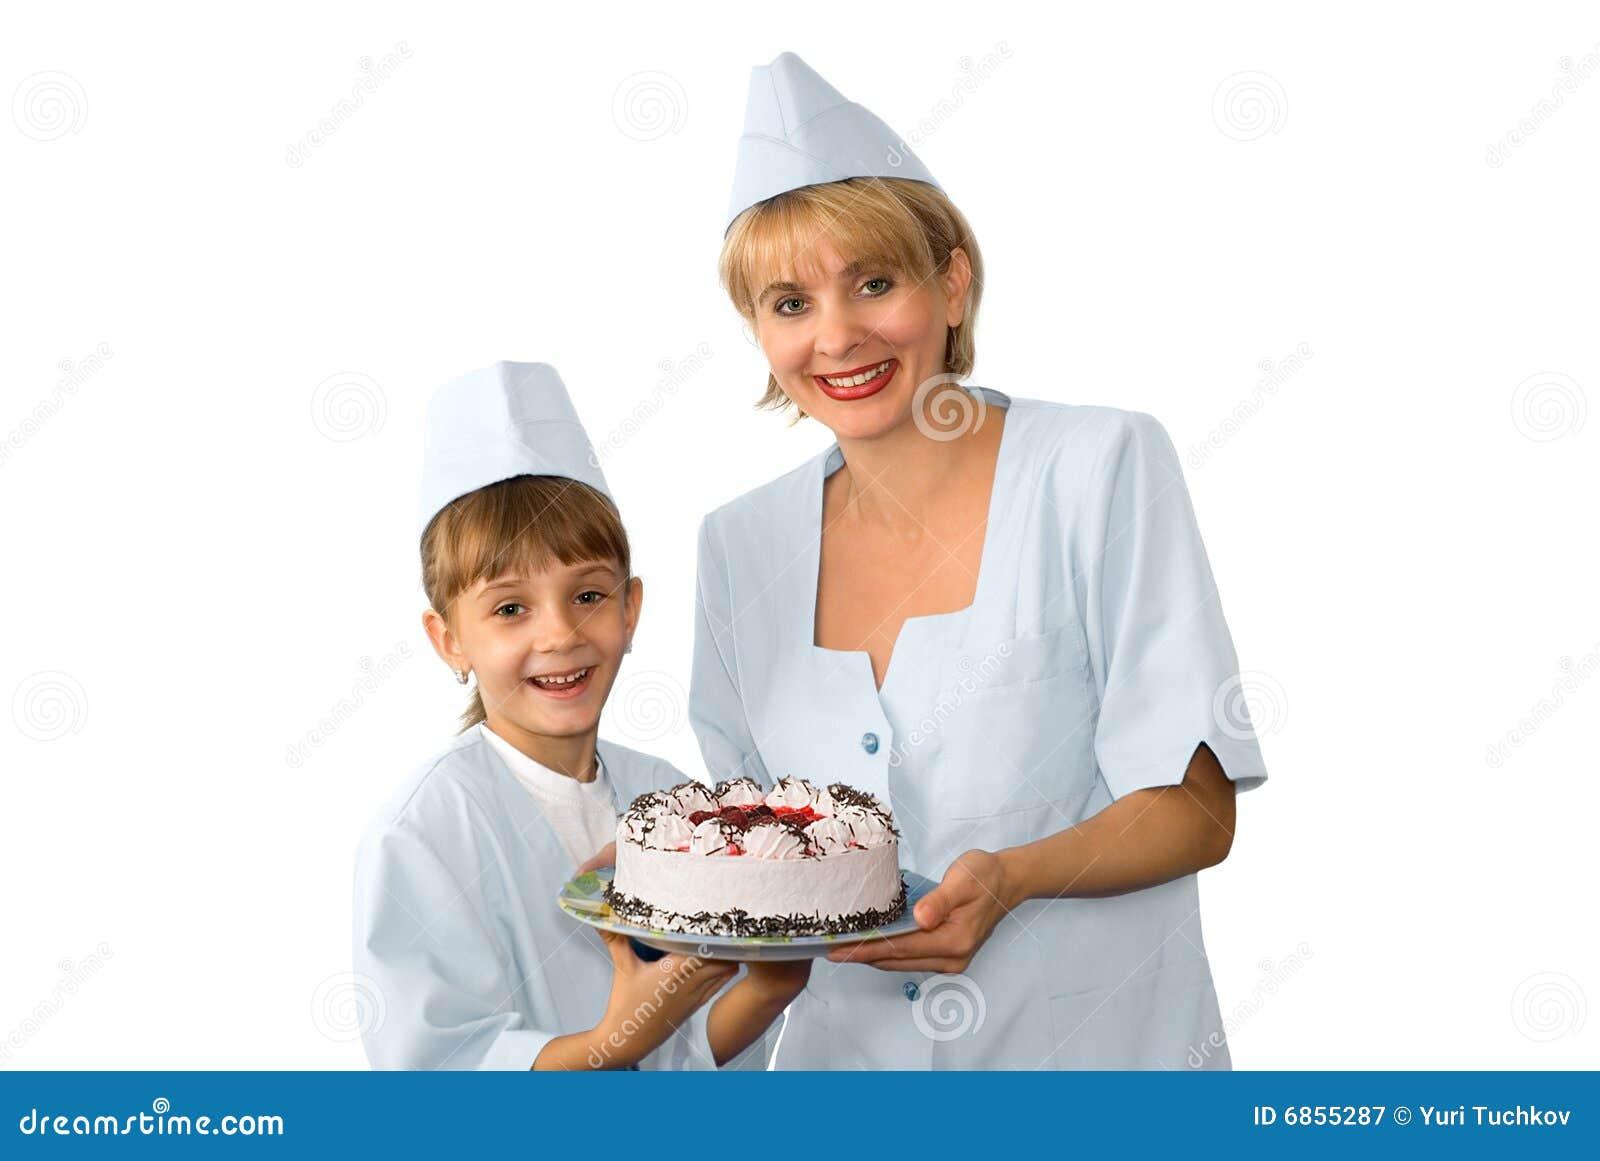 Хлебопек и девушка с замороженным тортом